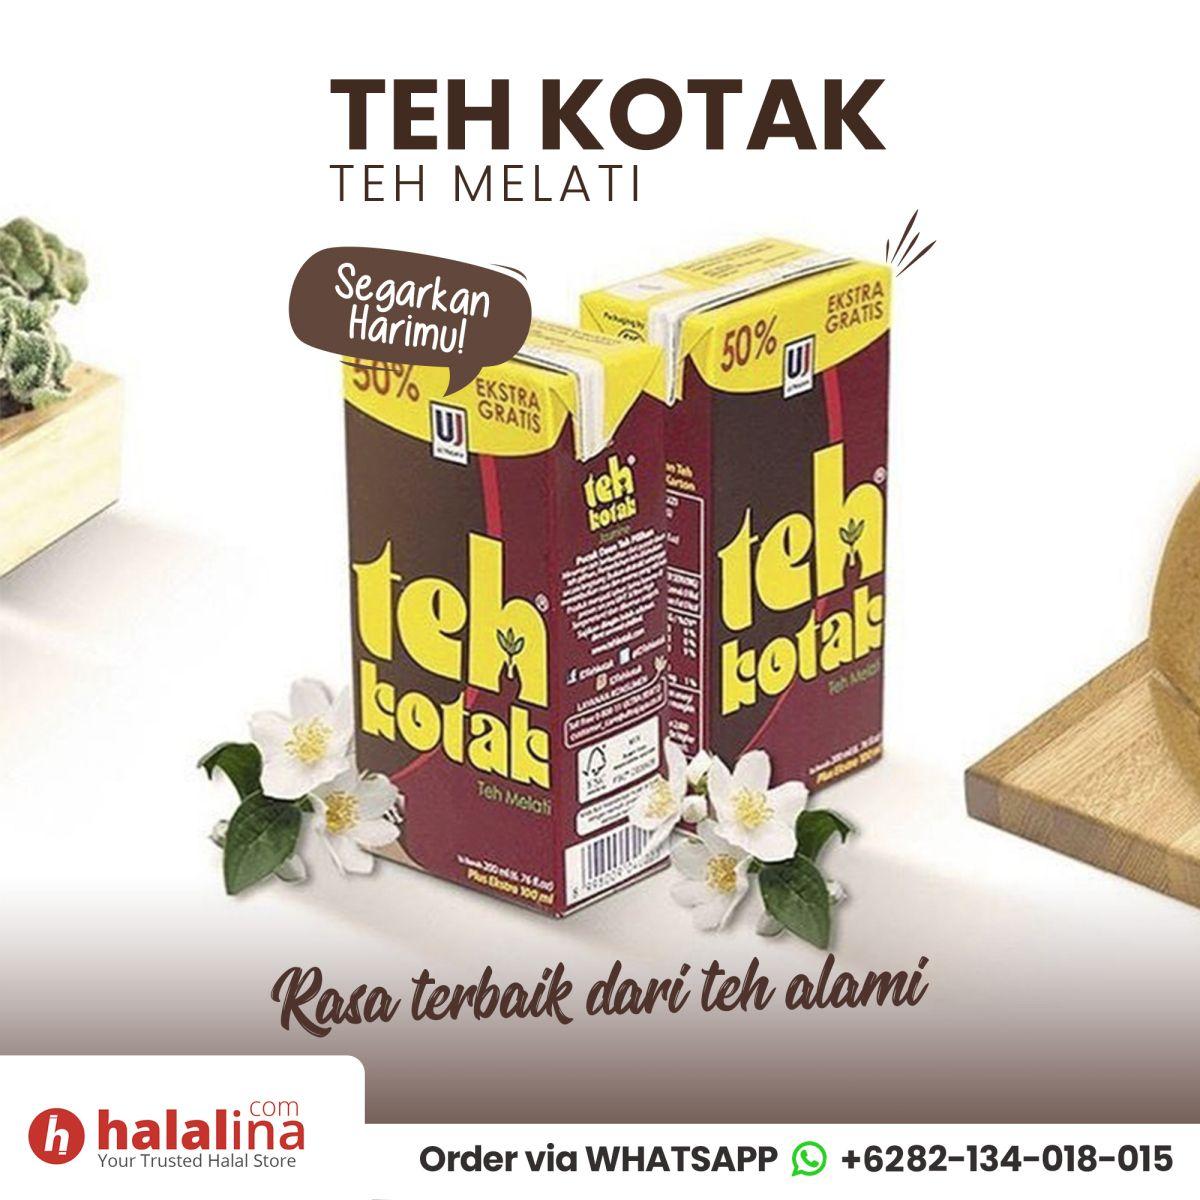 Phone 62 821 3401 8015 Indonesian Halal Food Japan In 2020 Halal Recipes Bacon Halal Halal Snacks